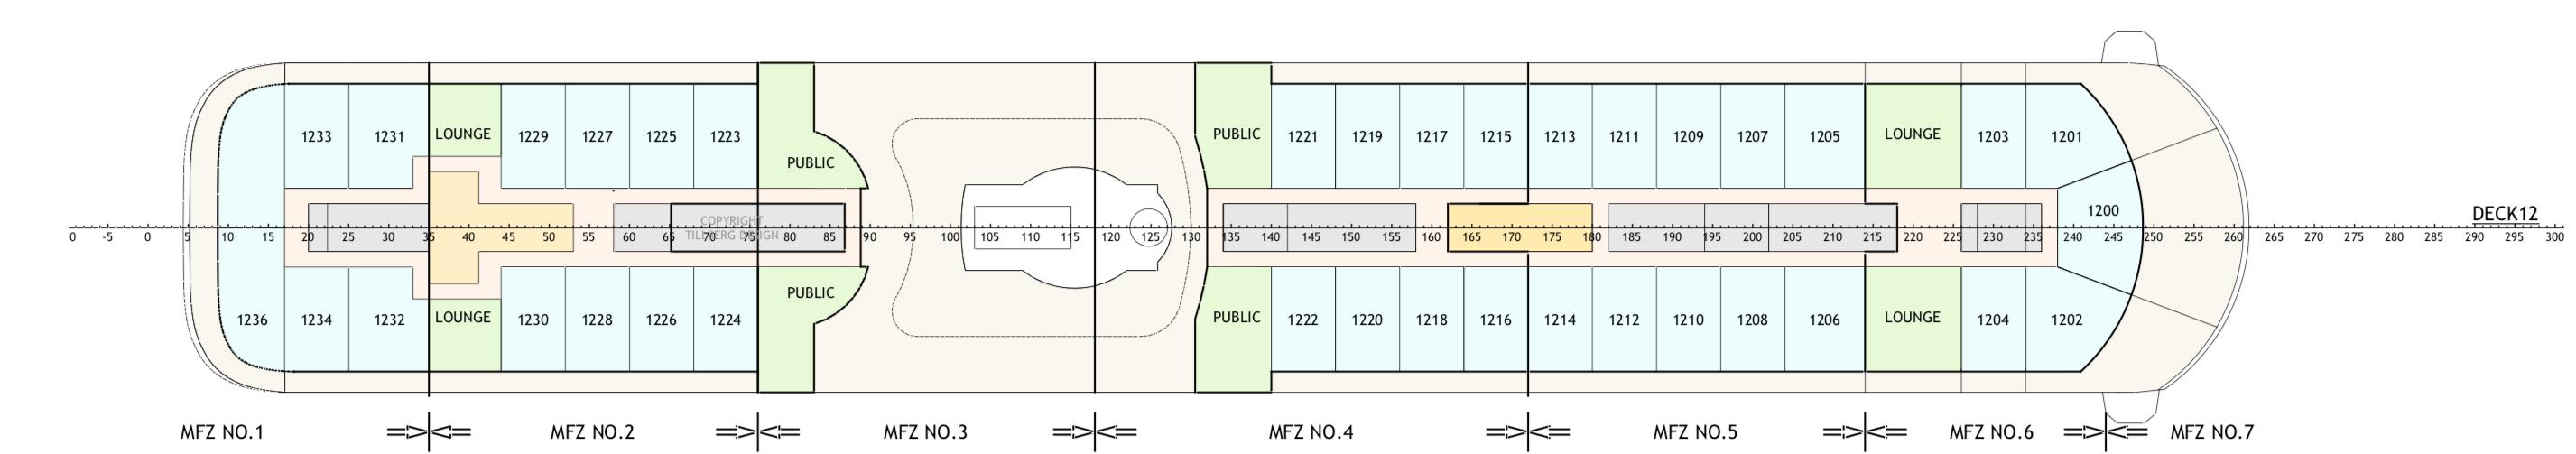 Floor Plan for Deck 12